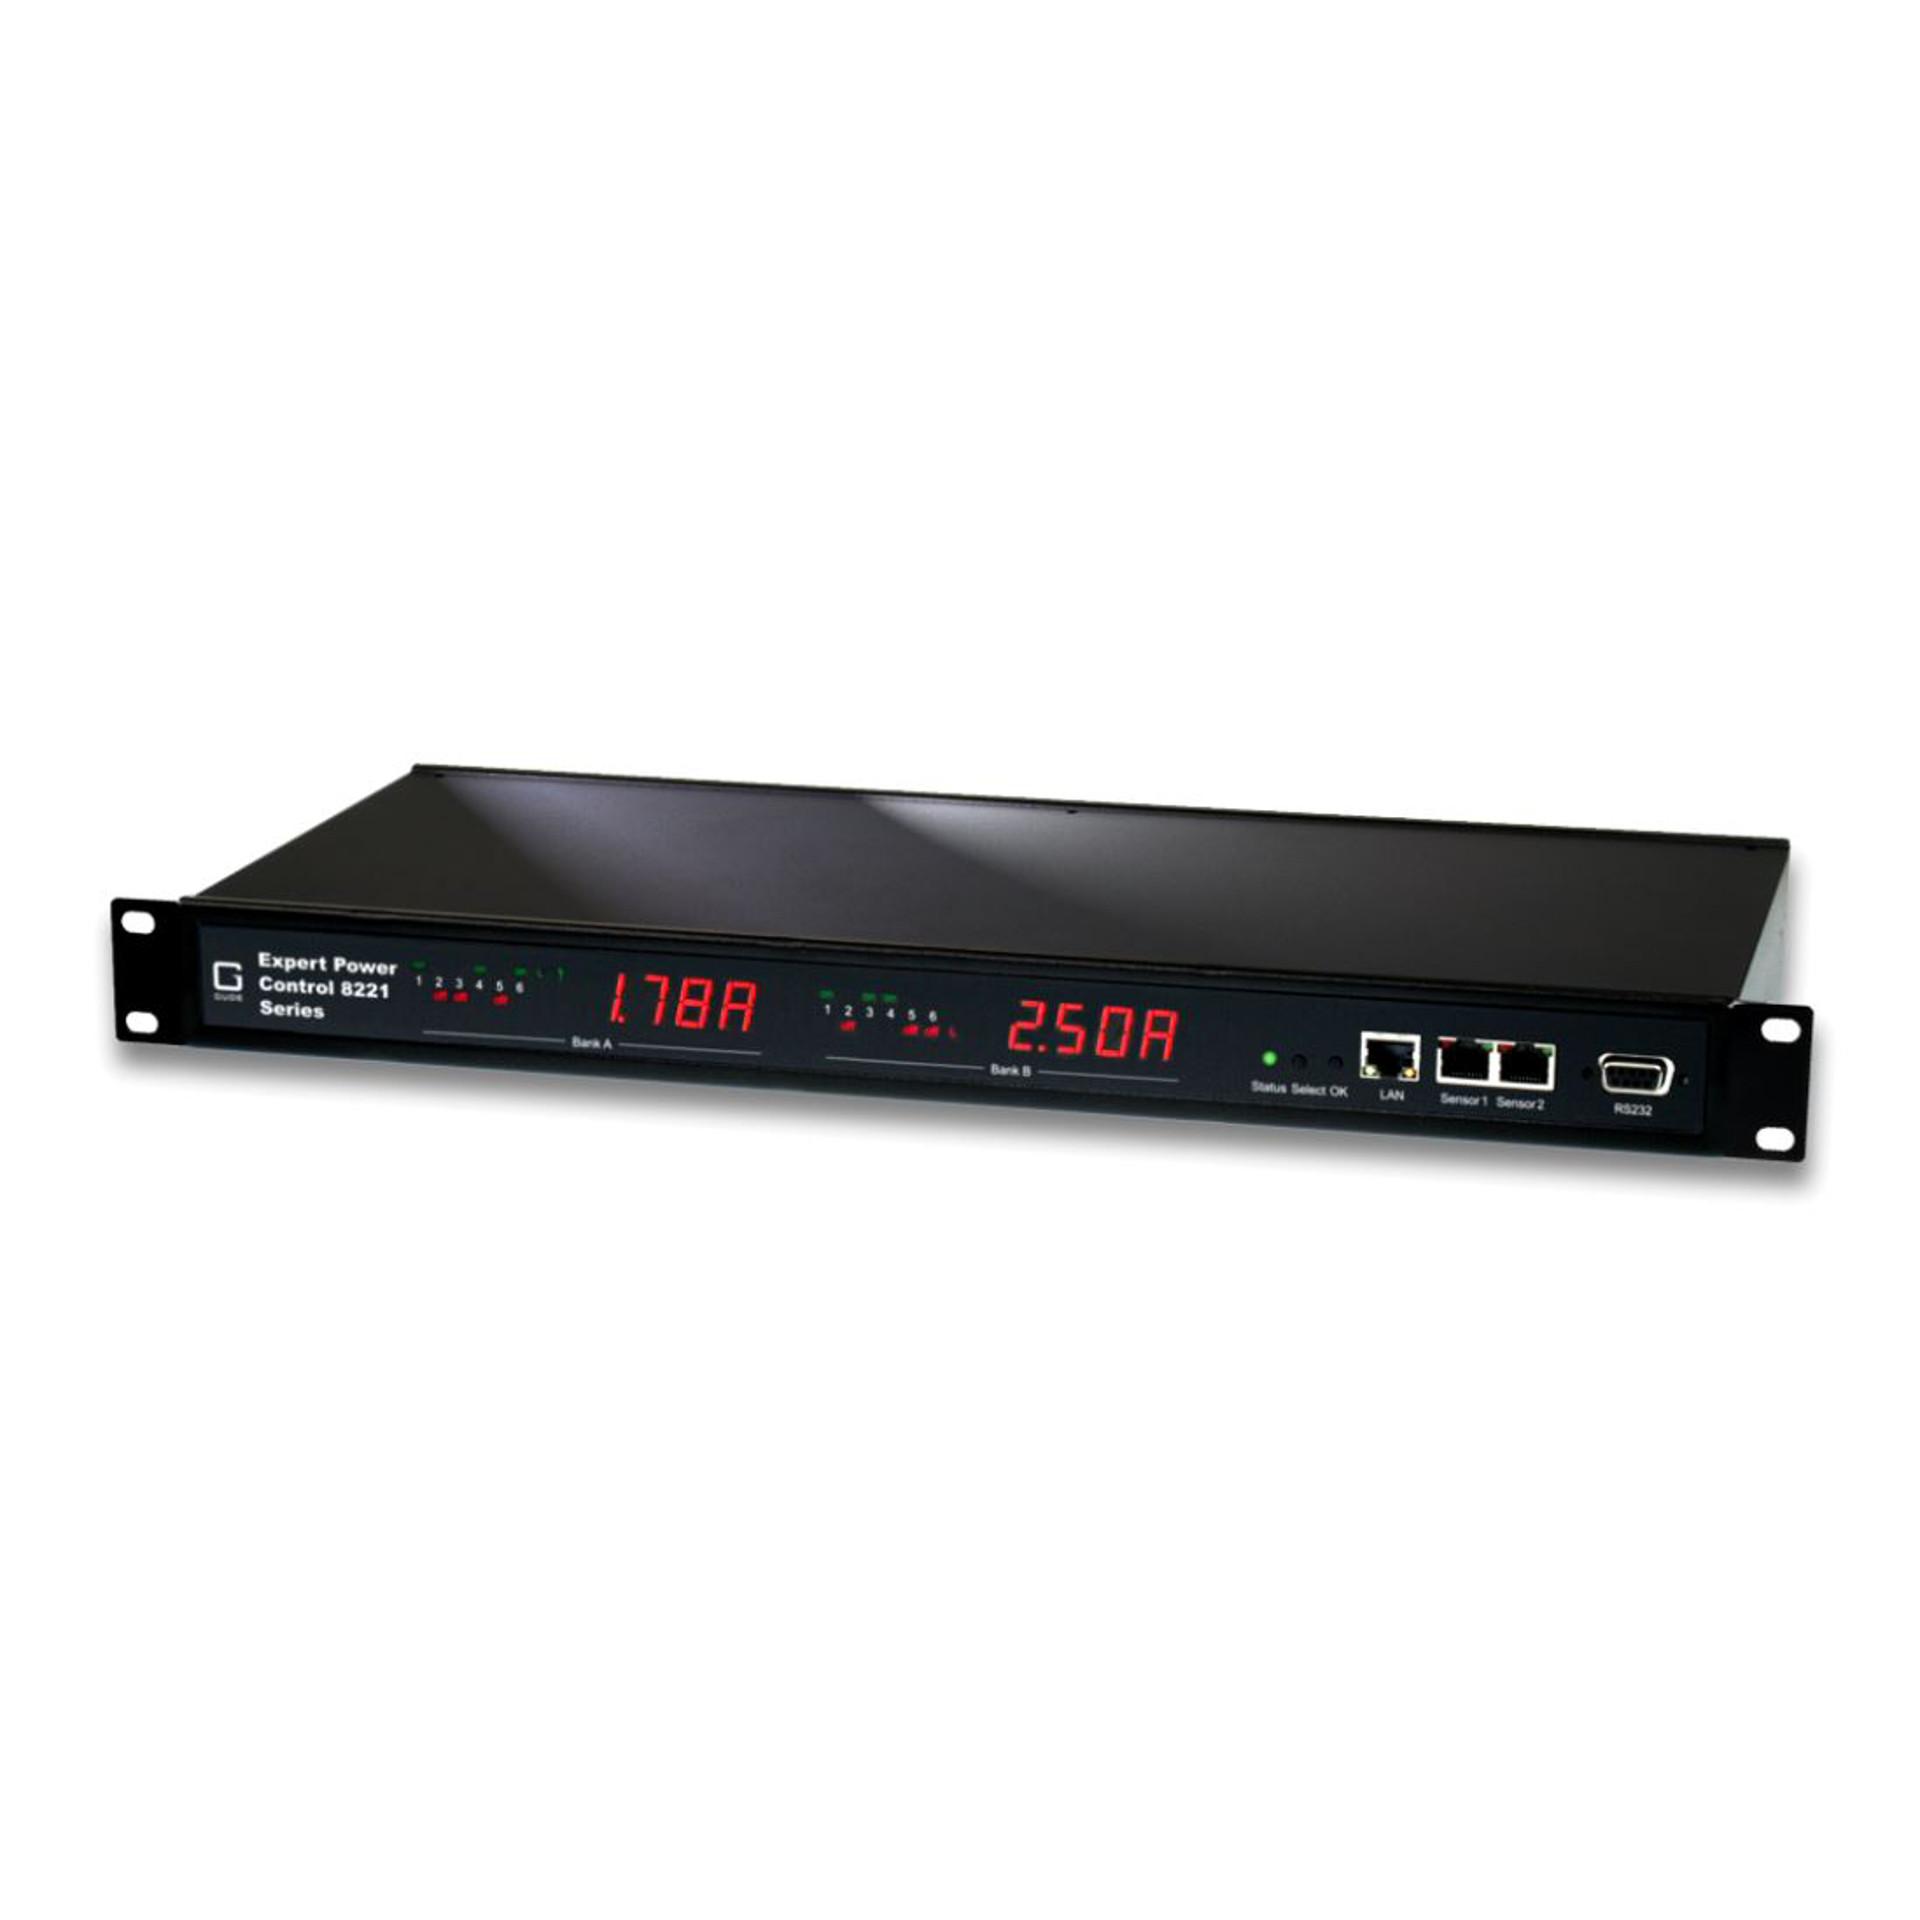 Expert Power Control 8221-1 12 Port IP Steckerleiste Gude - BellEquip